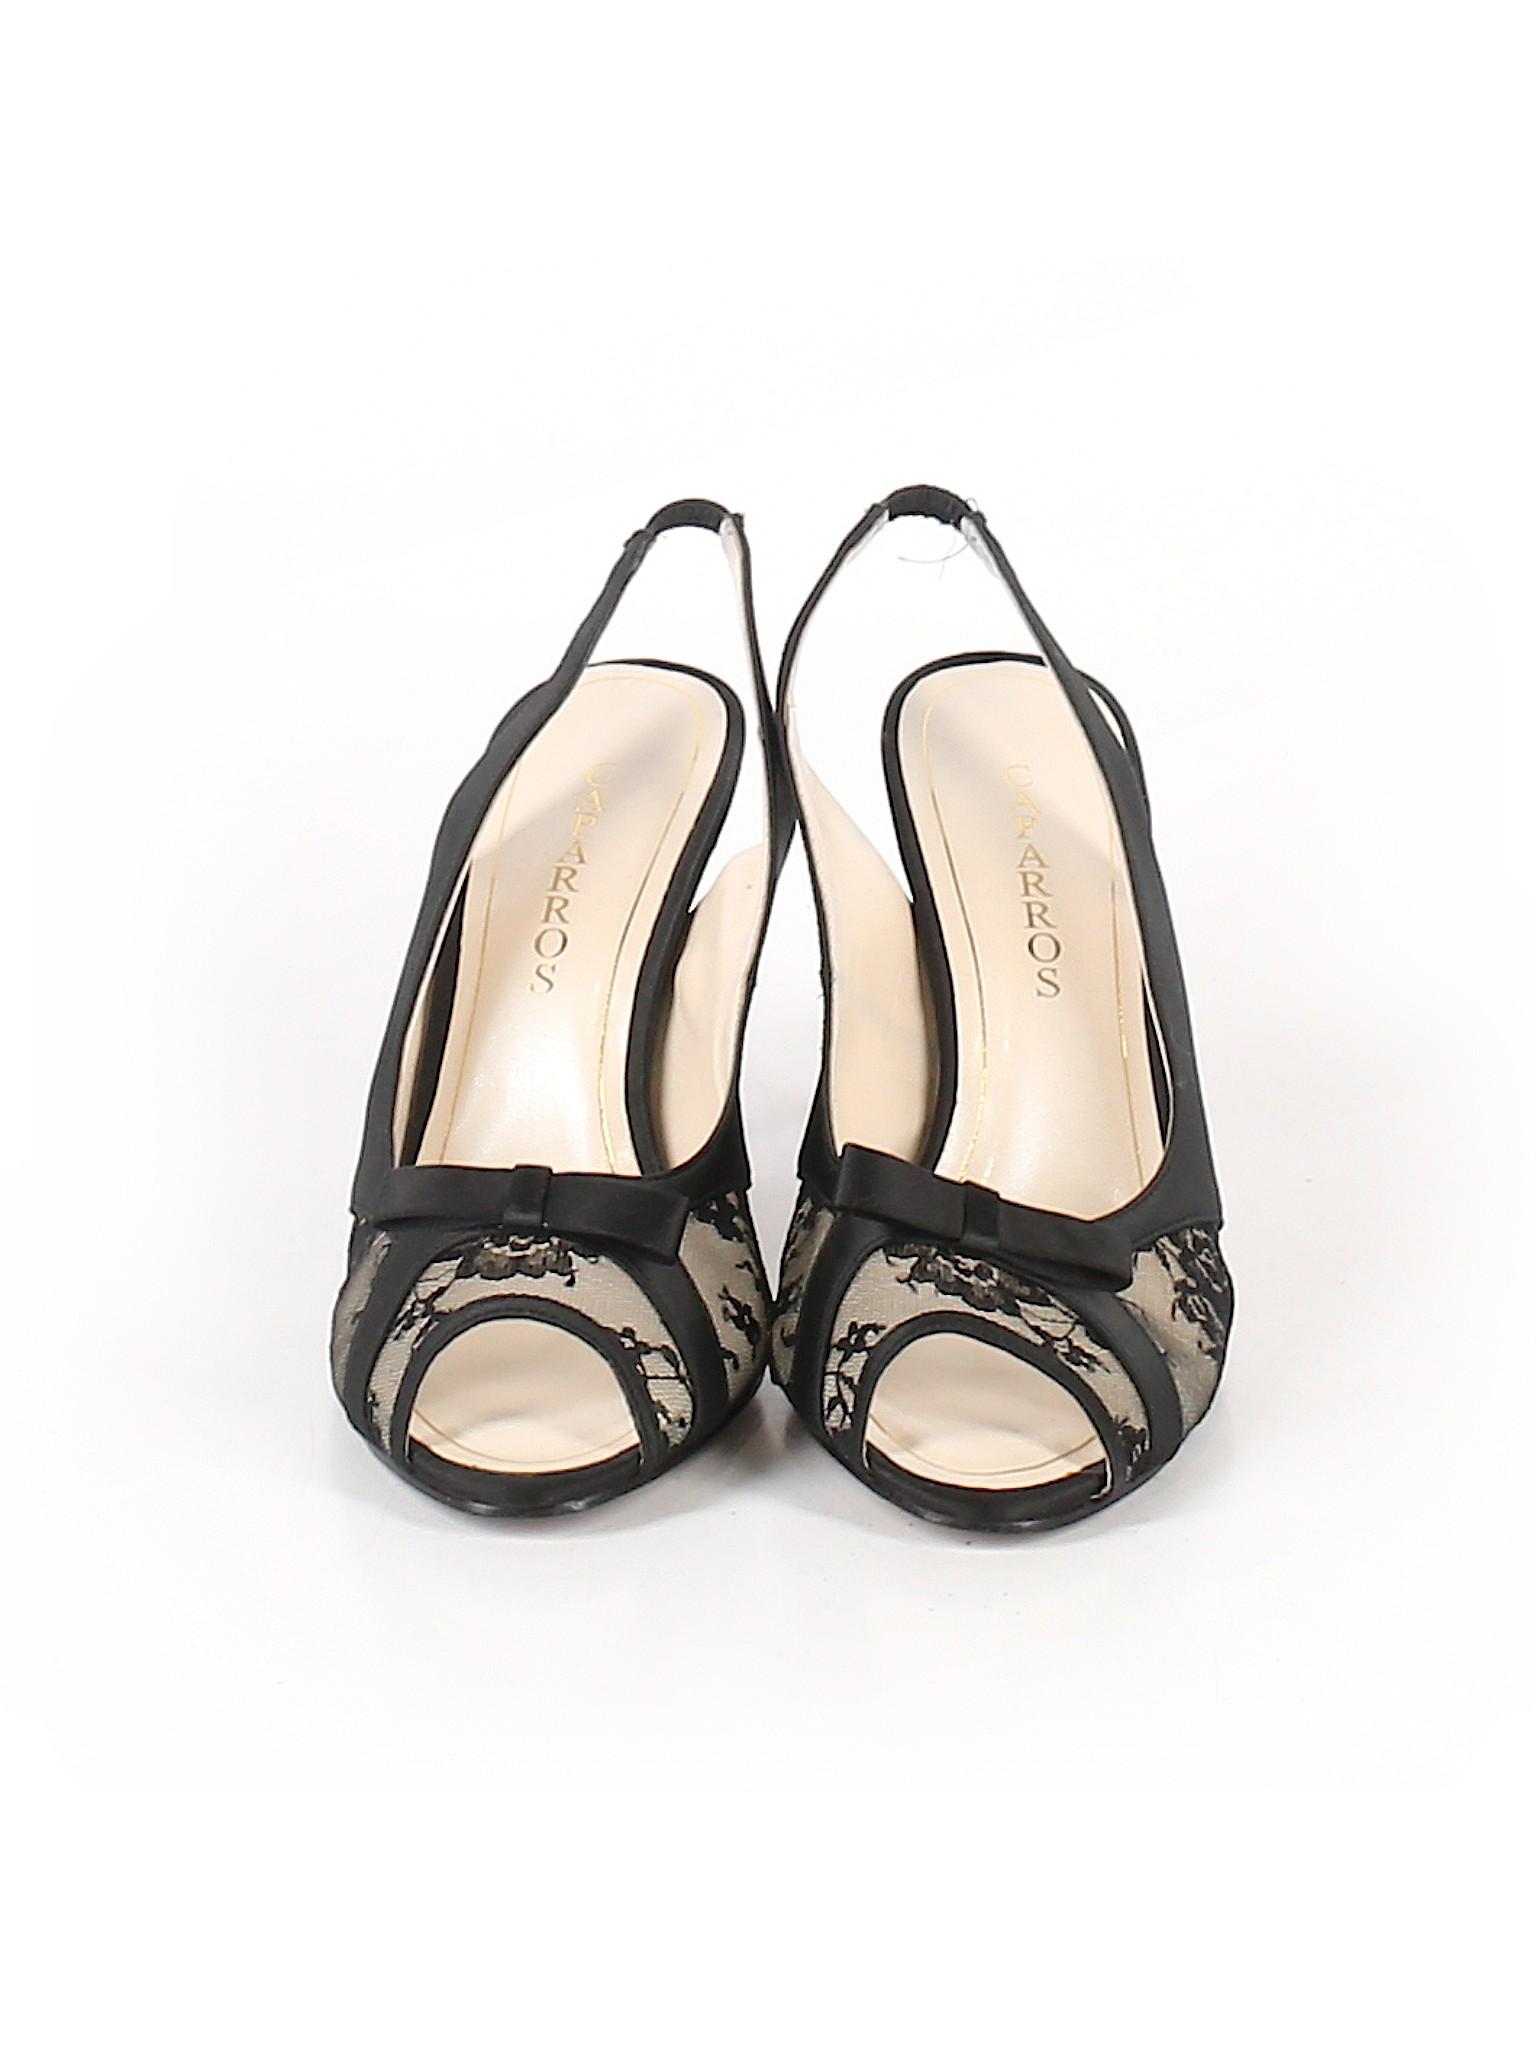 Boutique Heels promotion Caparros promotion promotion Caparros Boutique Boutique Heels rnwqFHrgU